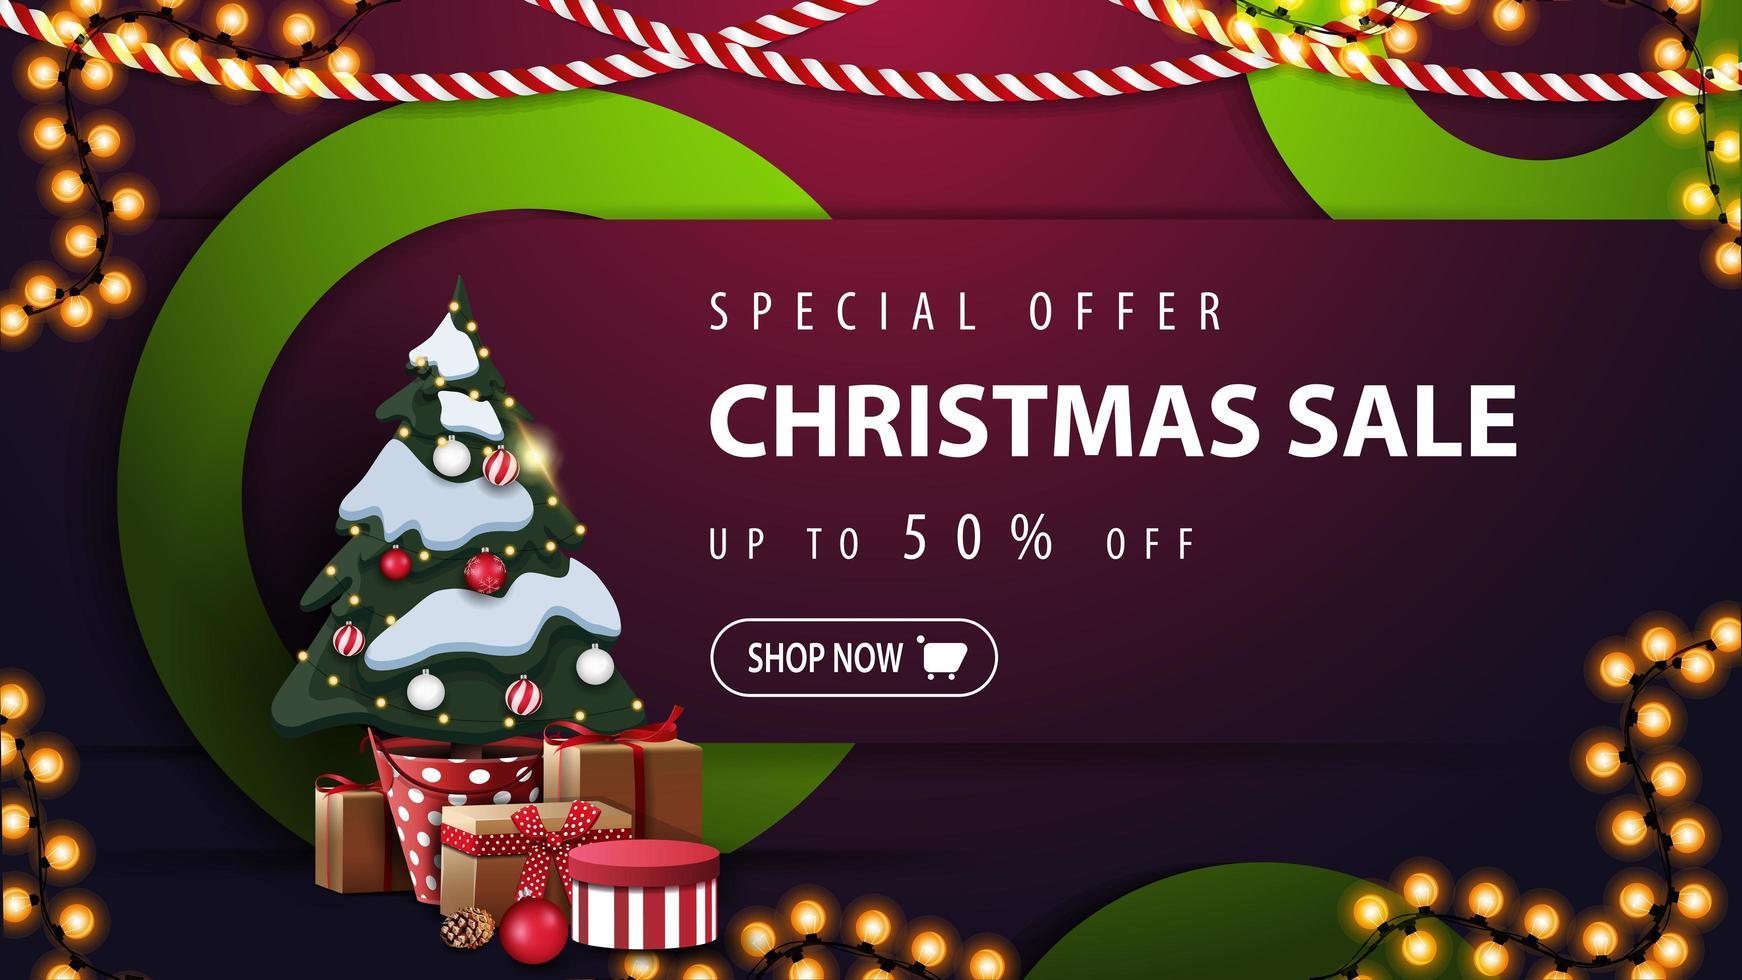 Sonderangebot, Weihnachtsverkauf, bis zu 50 Rabatt, lila Rabatt Banner mit grünen dekorativen Ringen, Girlanden und Weihnachtsbaum in einem Topf mit Geschenken vektor